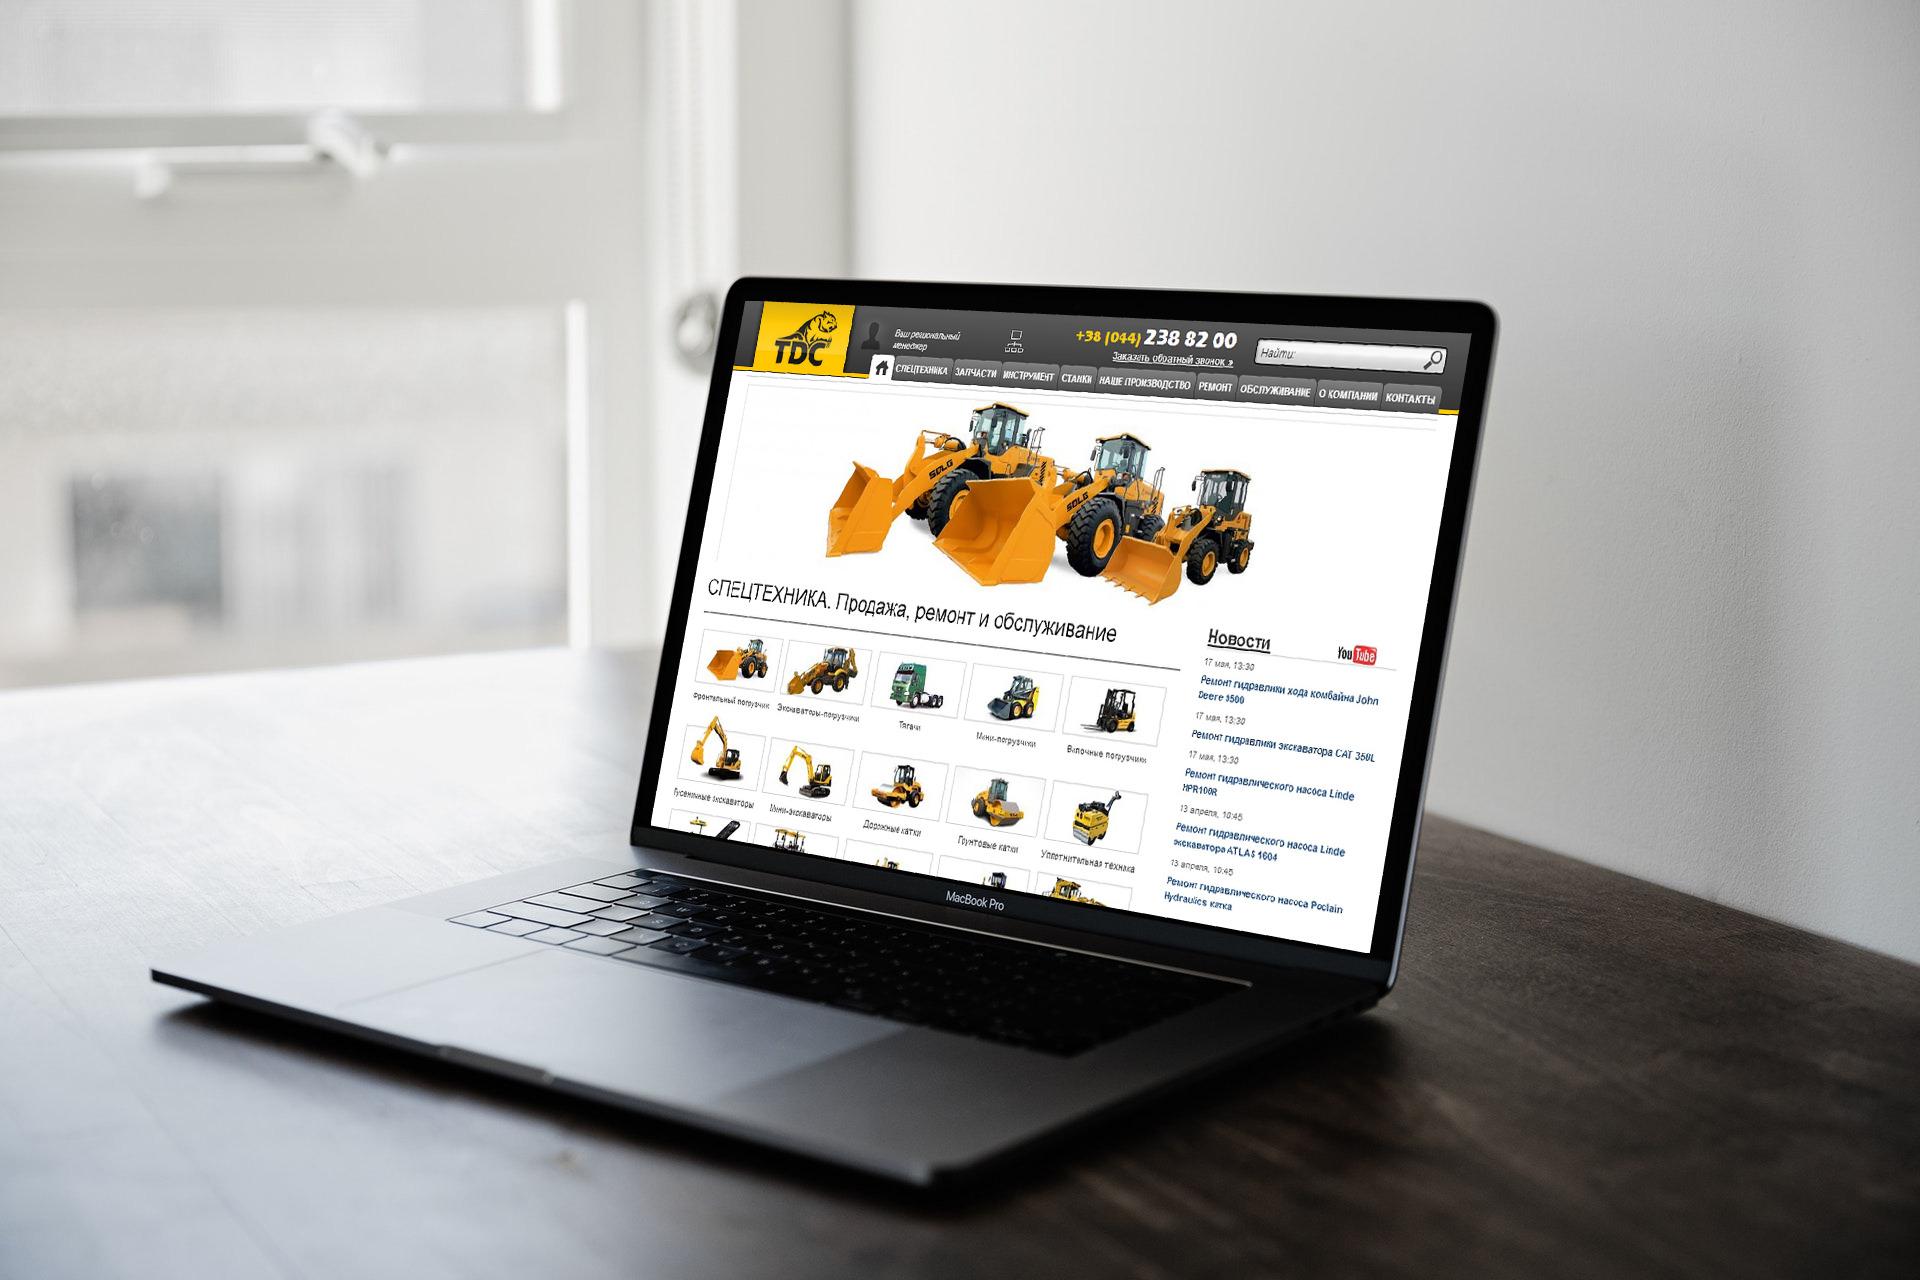 Интернет-магазин спецтехники, запчастей и инструментов